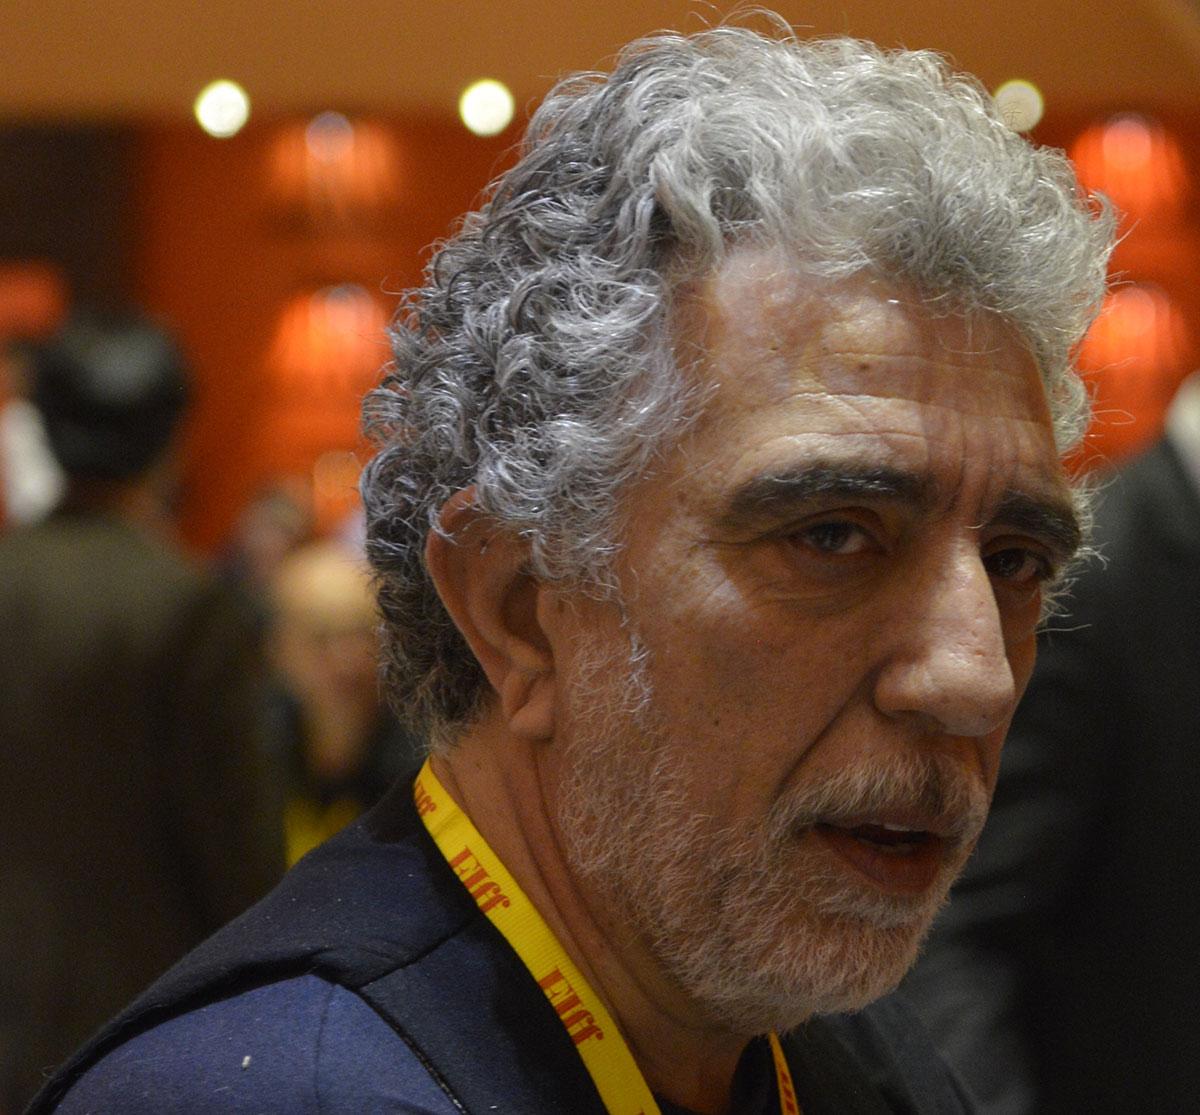 خوشحالم فرصت تبادل نظر با سینماگران ایرانی را دارم